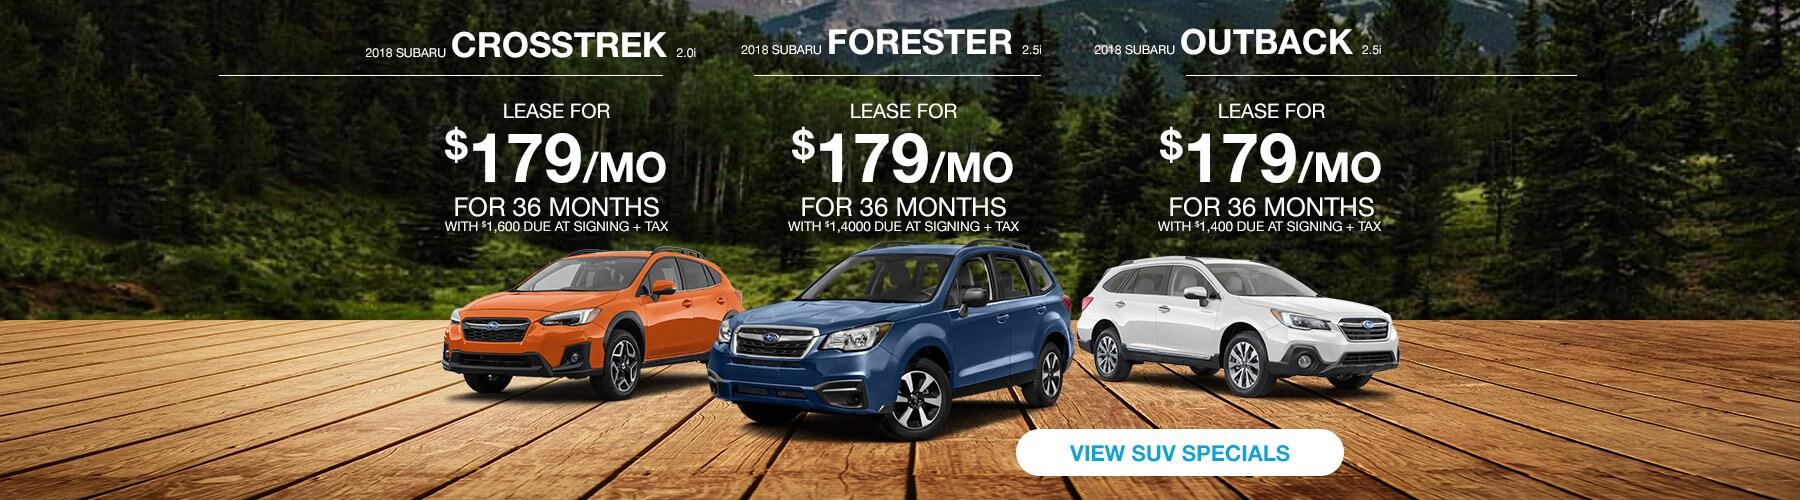 Heuberger Subaru-Volkswagen Inventory, Colorado Springs - CO